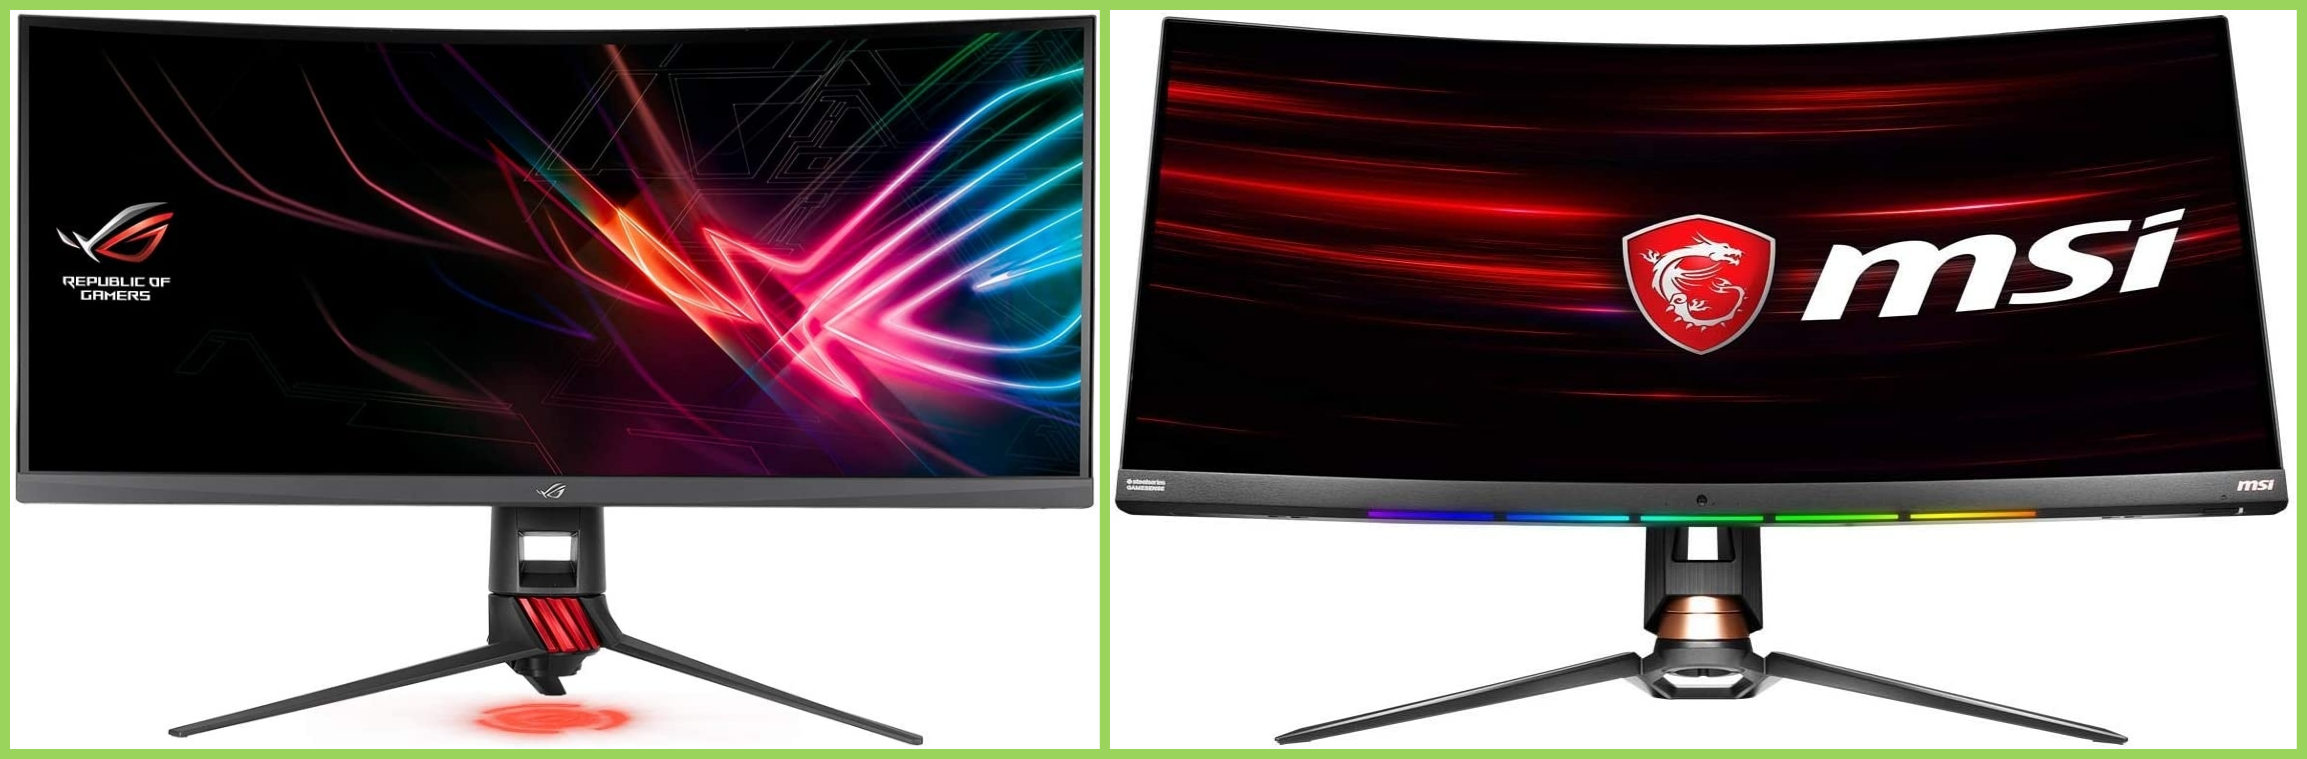 Asus o MSI: ¿cuál es el mejor monitor 2020?